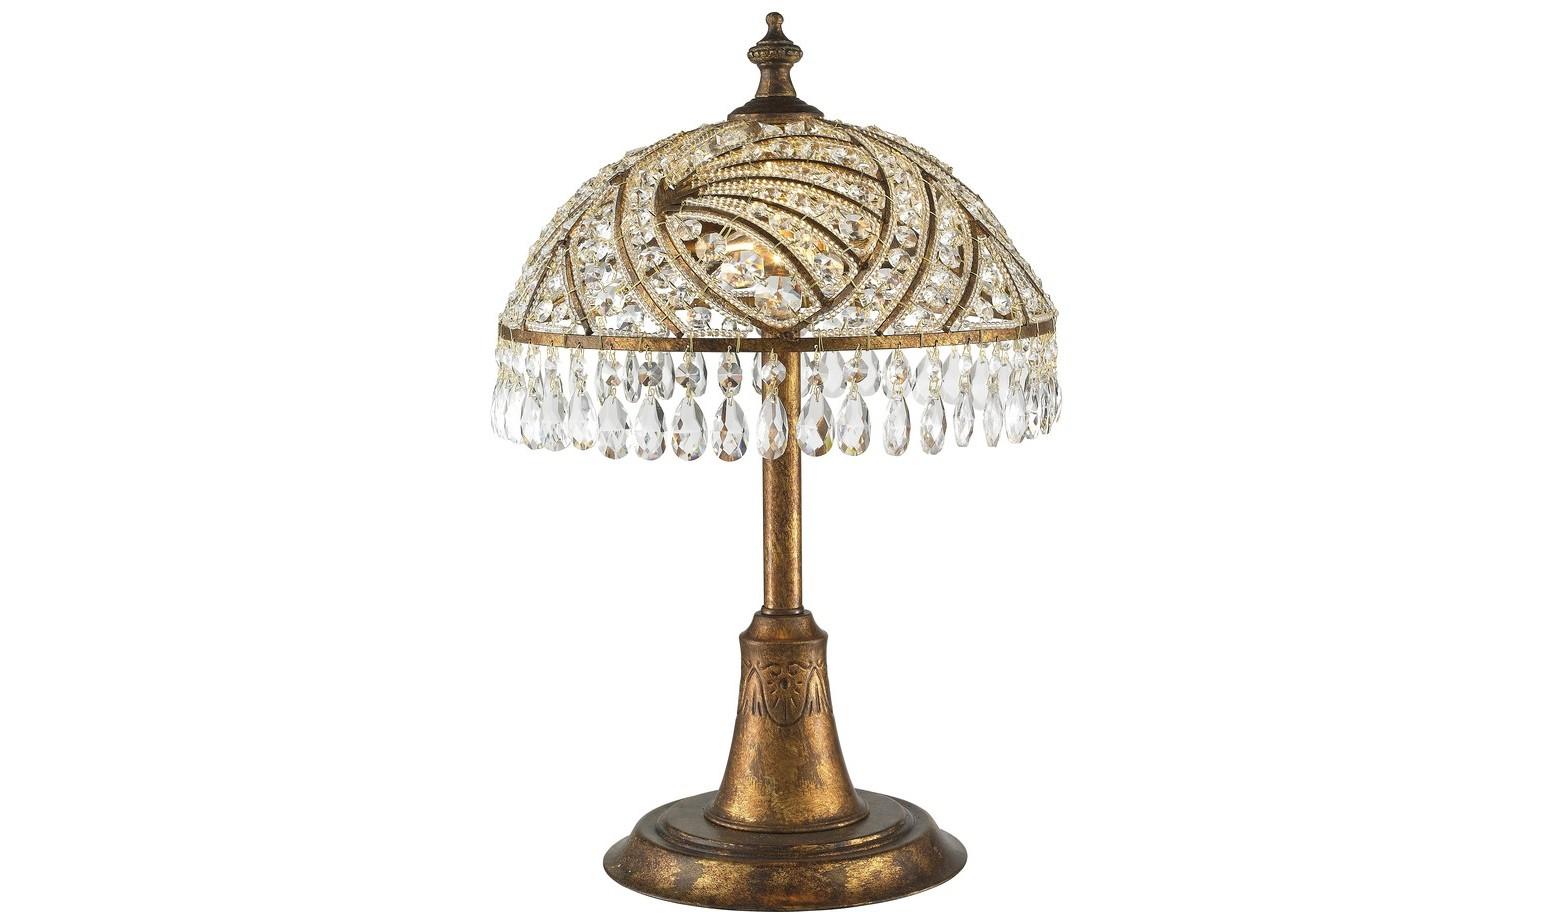 Настольная лампаДекоративные лампы<br>Материал: металл+хрусталь K9&amp;lt;div&amp;gt;Лампочки: 2*40W&amp;lt;/div&amp;gt;&amp;lt;div&amp;gt;Цоколь: E14&amp;lt;/div&amp;gt;&amp;lt;div&amp;gt;Цвет: испанская бронза&amp;lt;/div&amp;gt;<br><br>Material: Металл<br>Высота см: 56